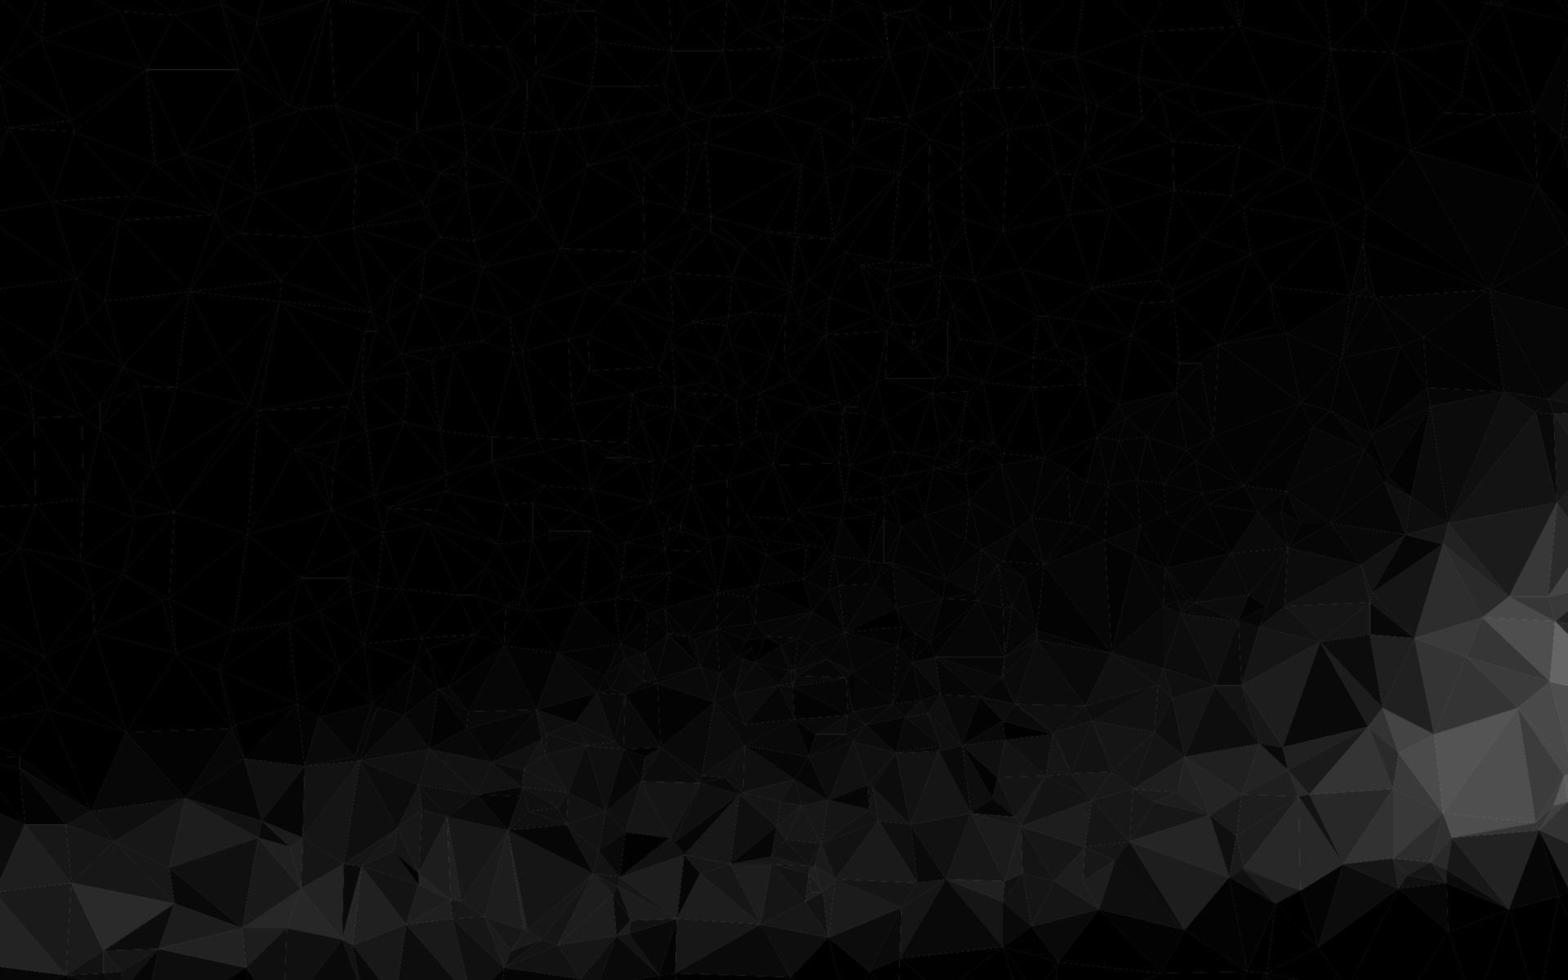 prata escura, textura poligonal abstrata de vetor cinza.